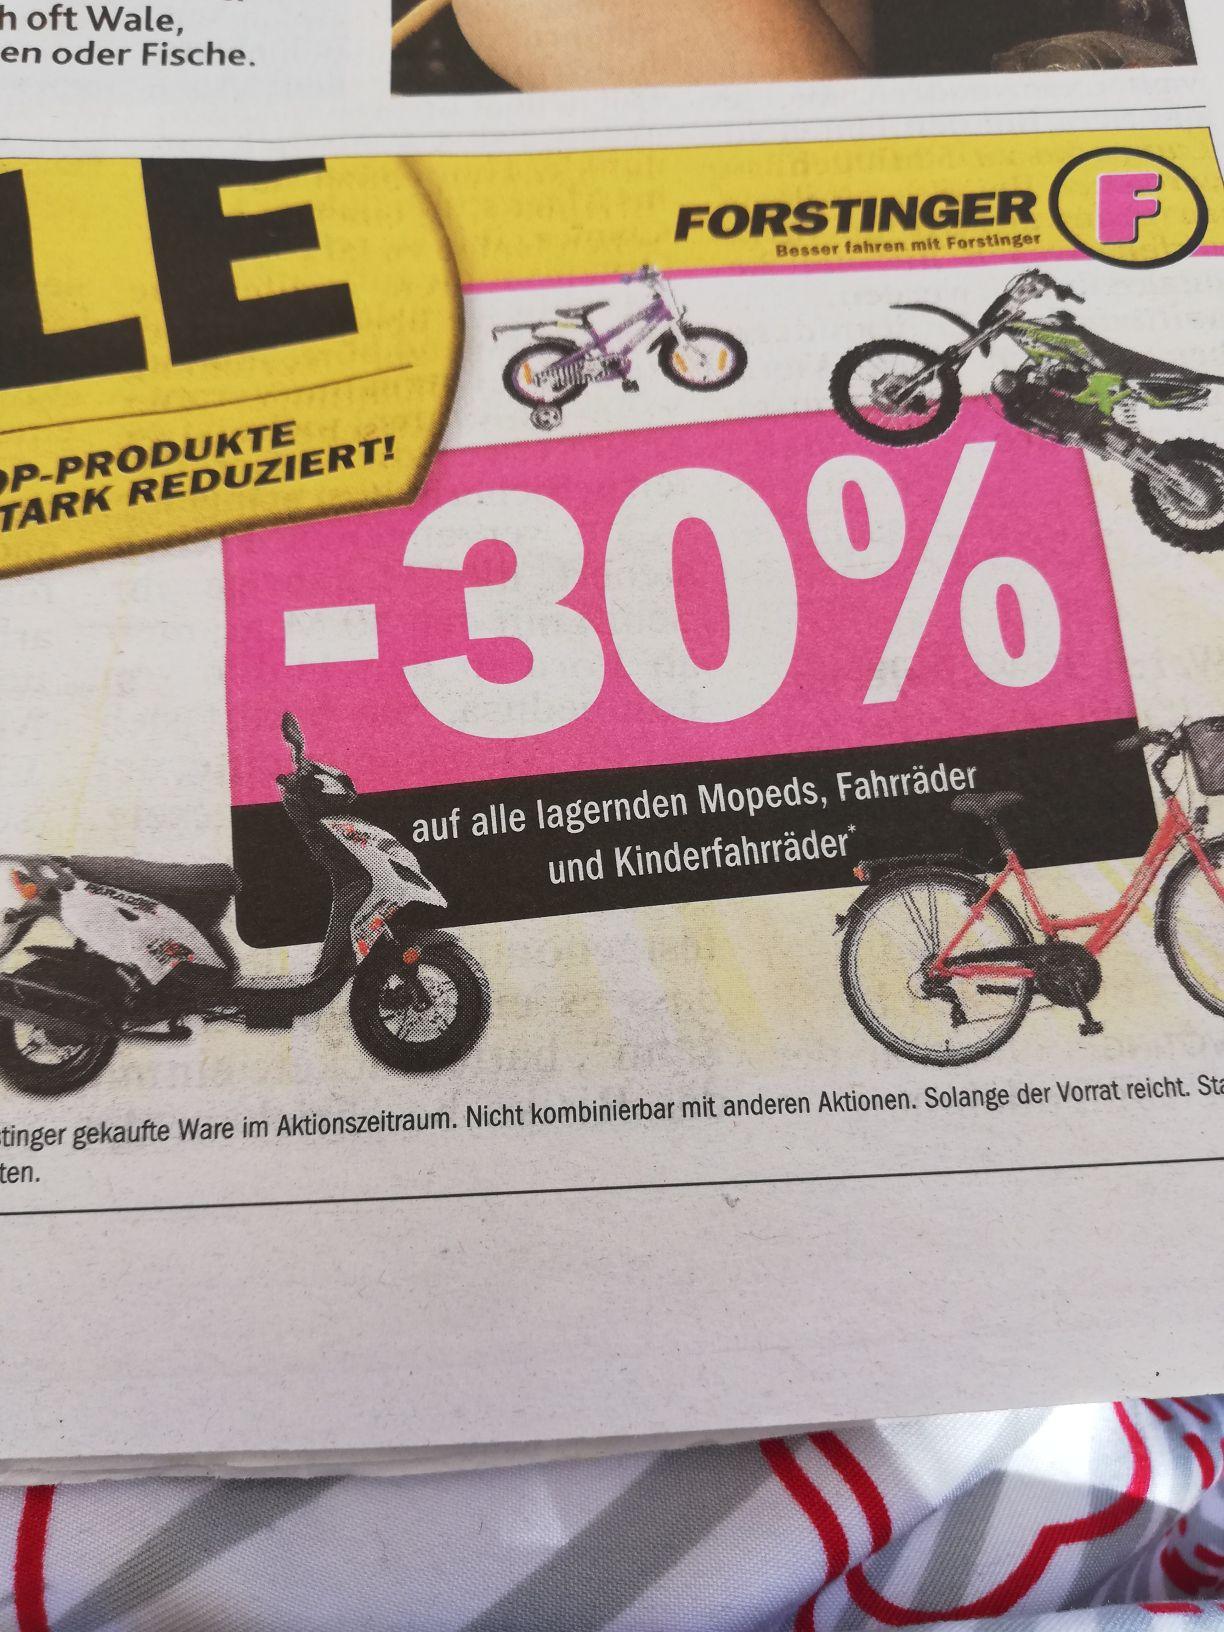 Forstinger 30 Prozent Rabatt auf alle lagernden mopeds Fahrräder und Kinderfahrräder